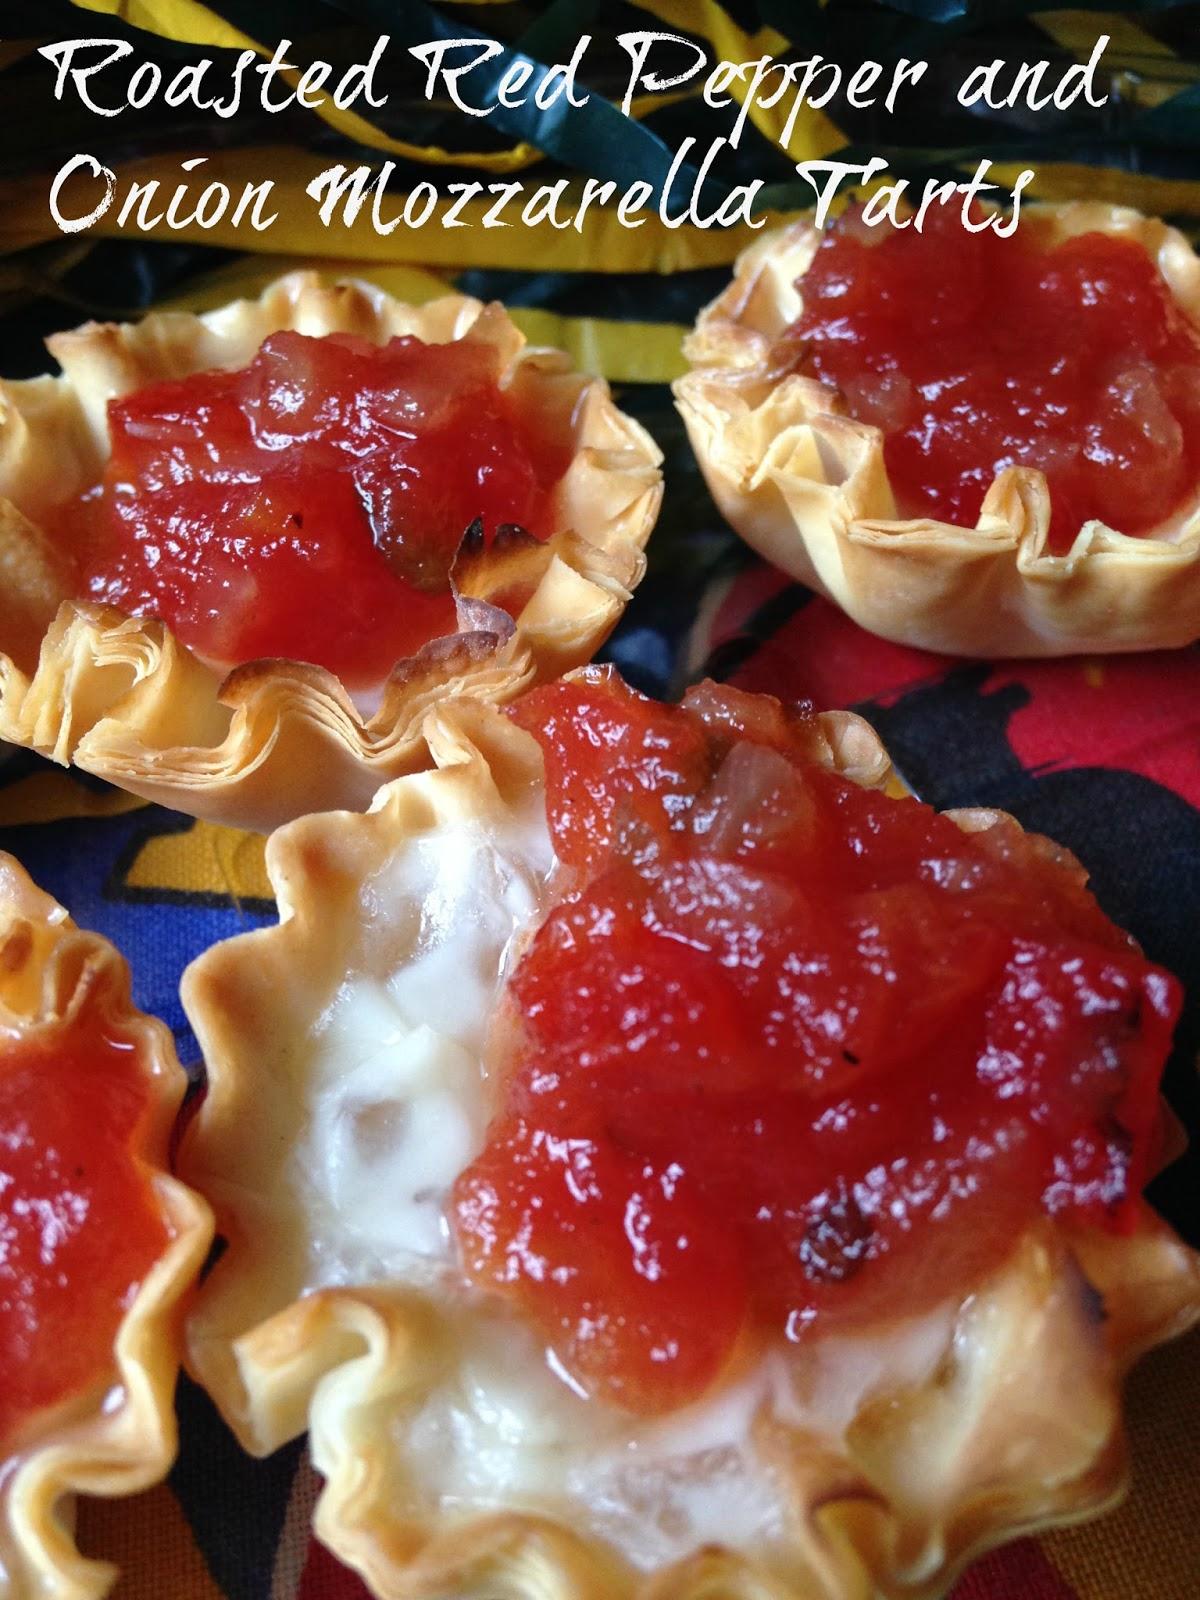 ... Roasted Red Pepper and Onion Mozzarella Tarts {Super Saturday Snack